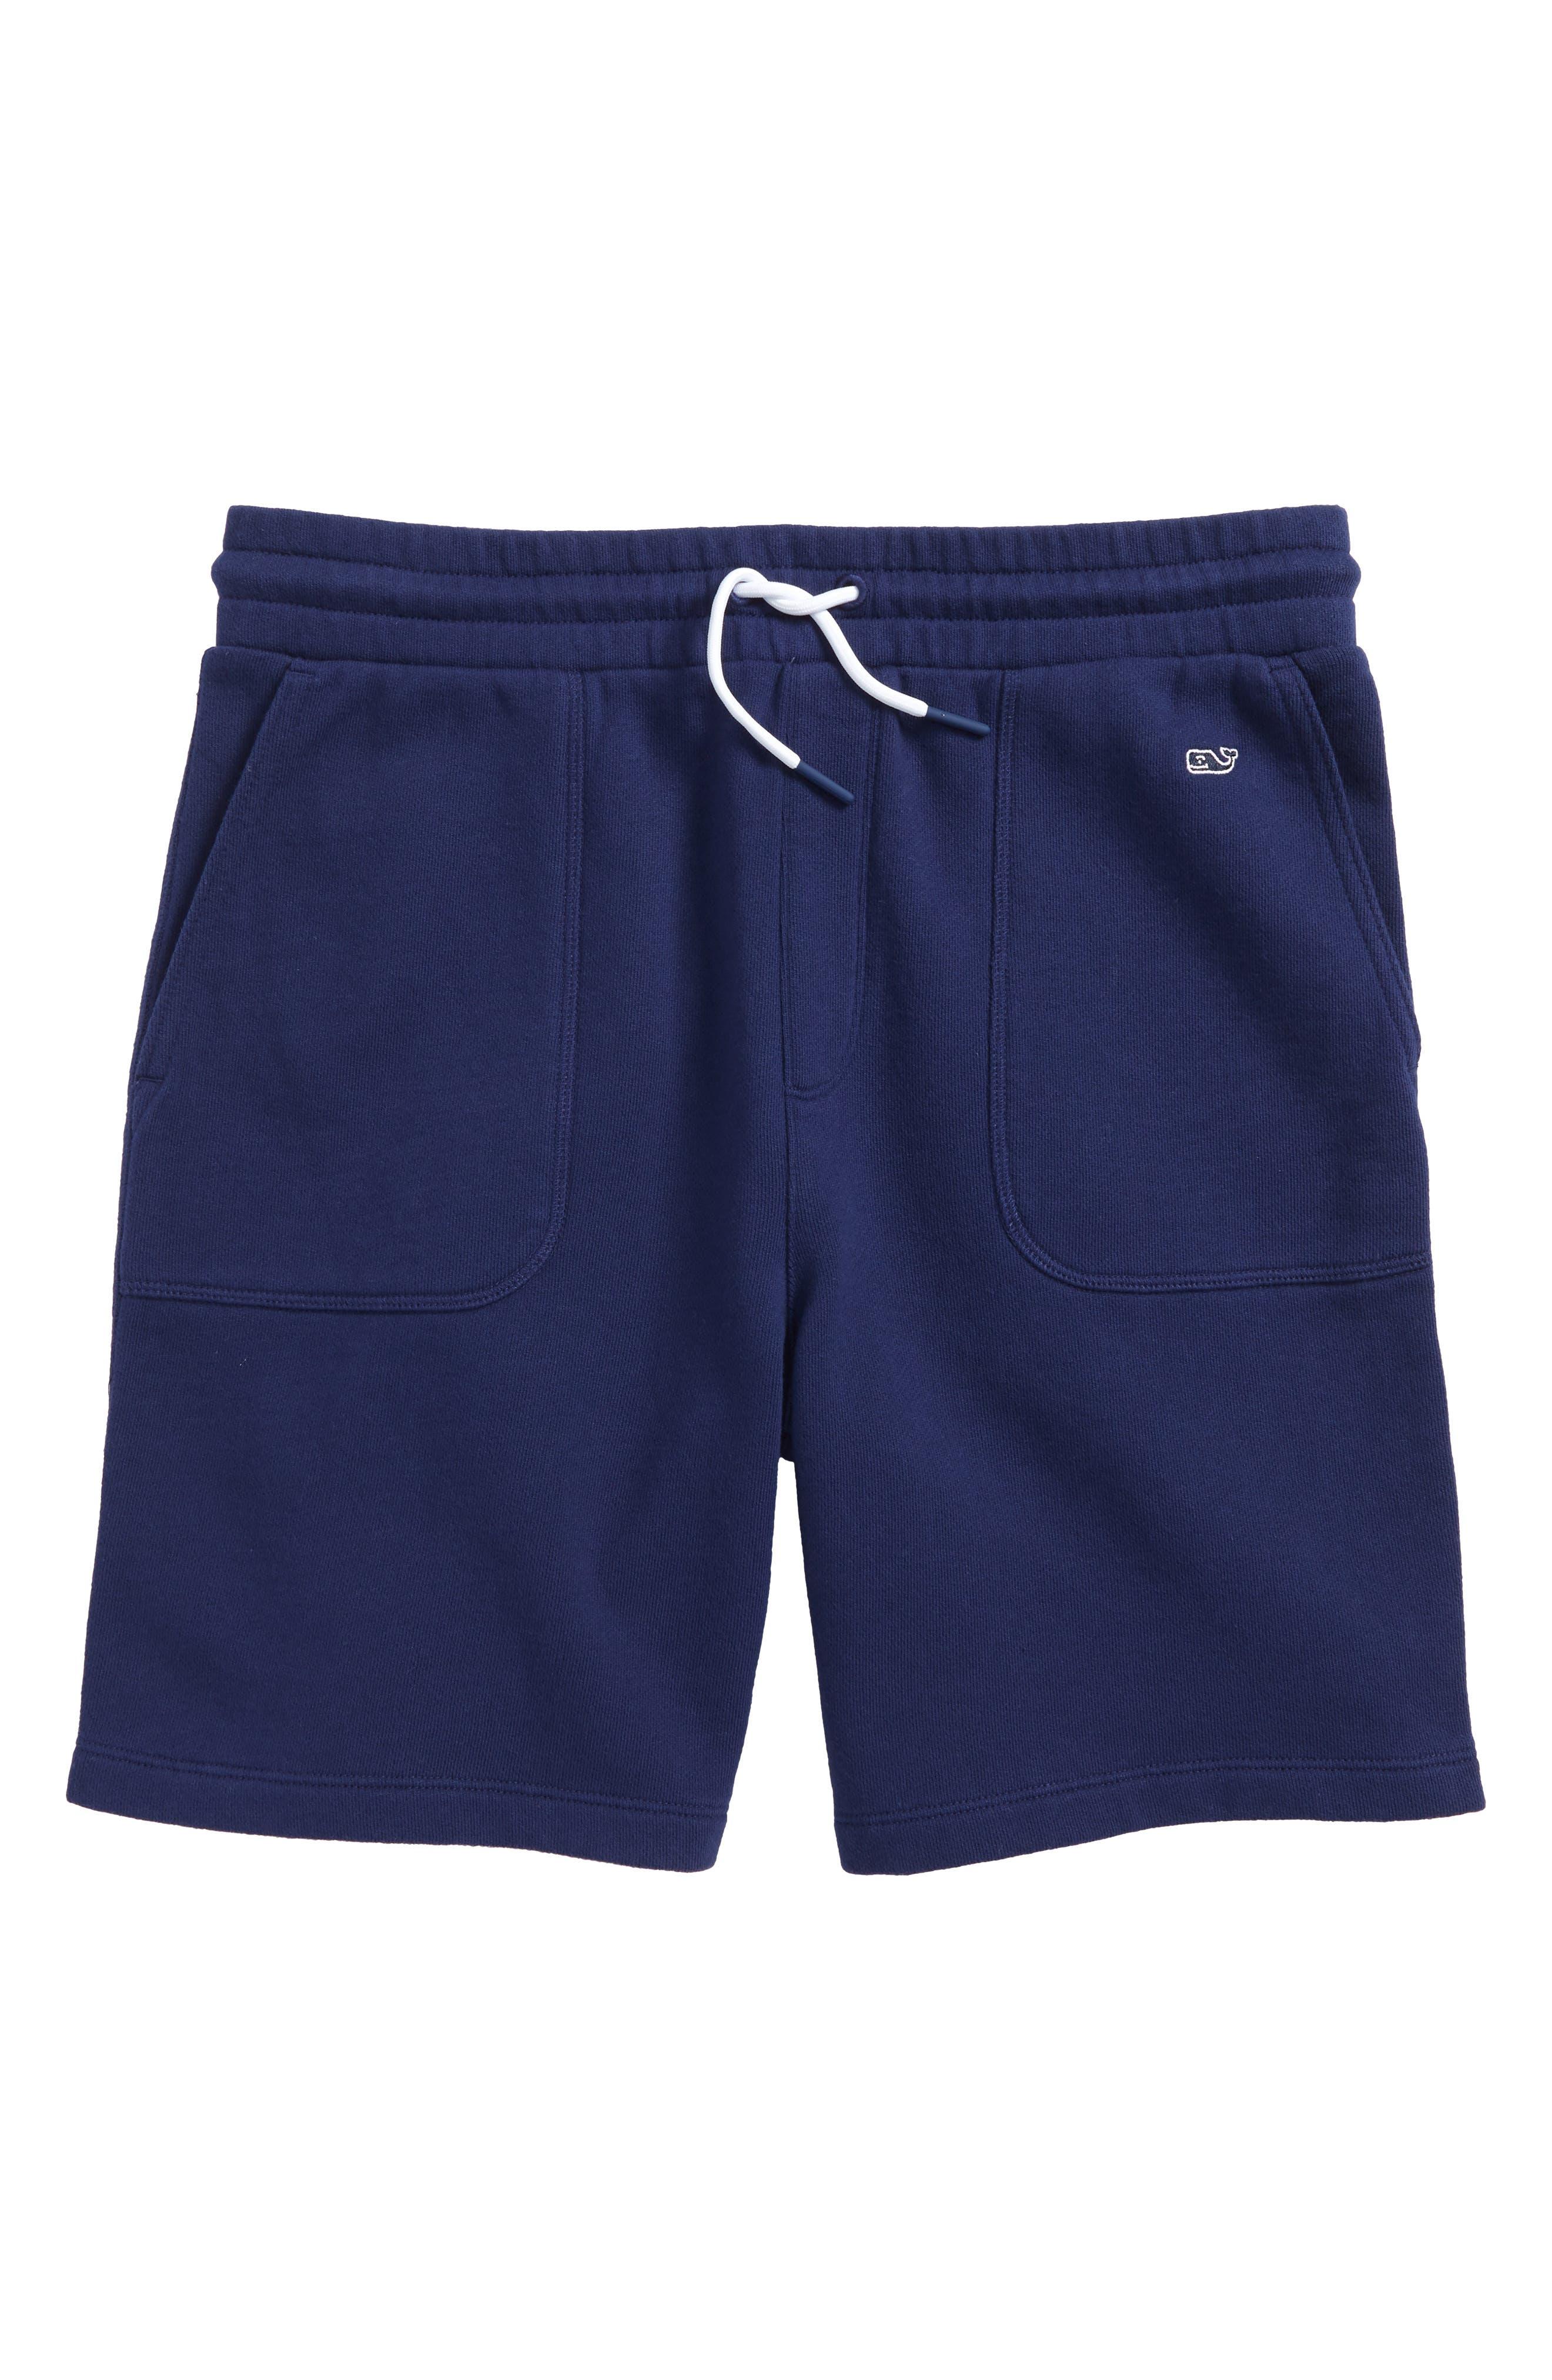 Garment Dyed Knit Shorts,                             Main thumbnail 1, color,                             400